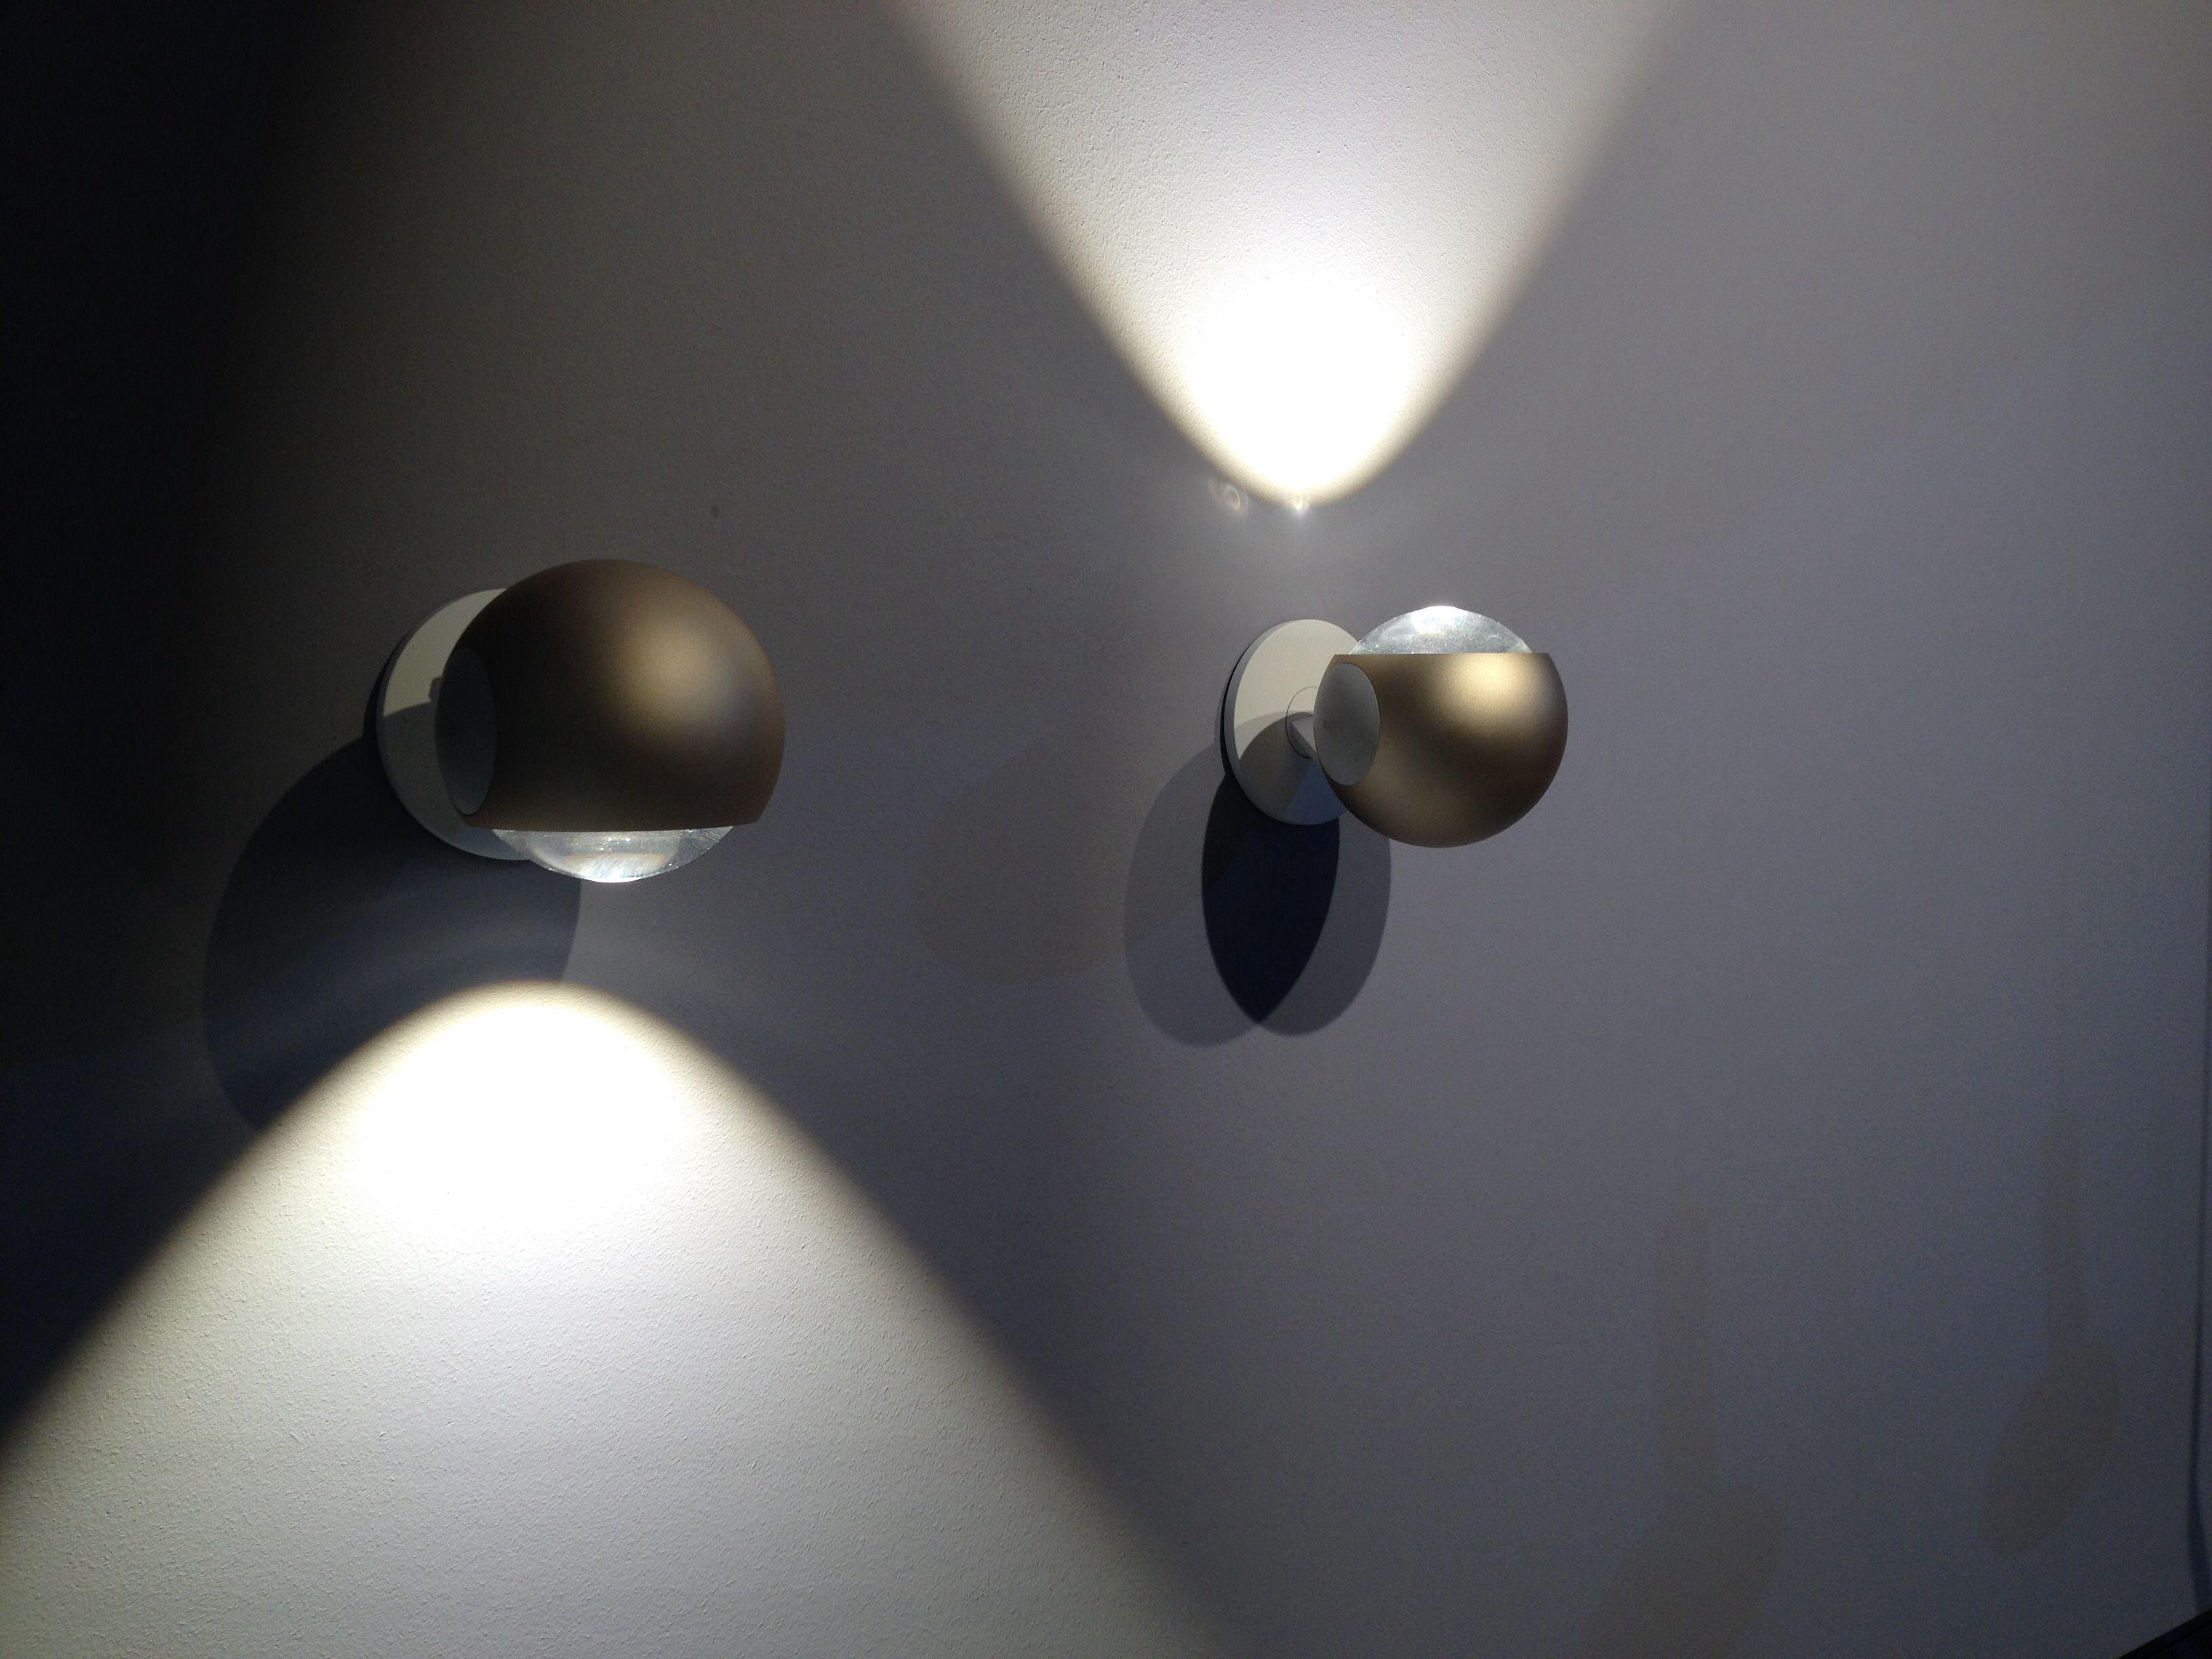 Occhio Leuchte neue occhio leuchten serie io3d neue oberflächen led und mehr